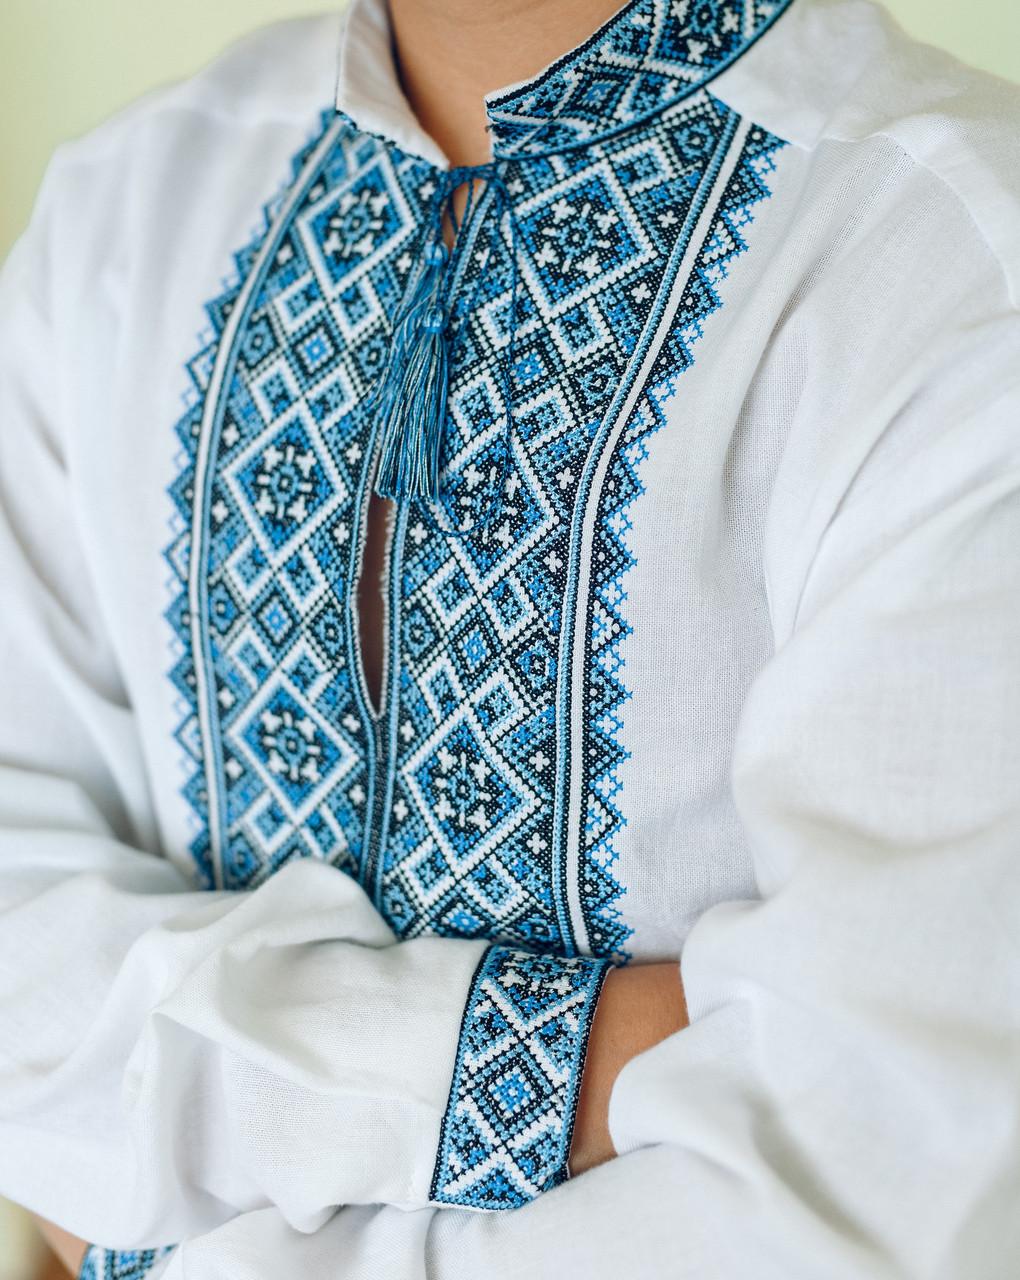 cbe1b451e6a898 Вишиванка чоловіча Хорив 58, кольору льону, цена 1 250 грн., купить  Тернопіль — Prom.ua (ID#729190986)